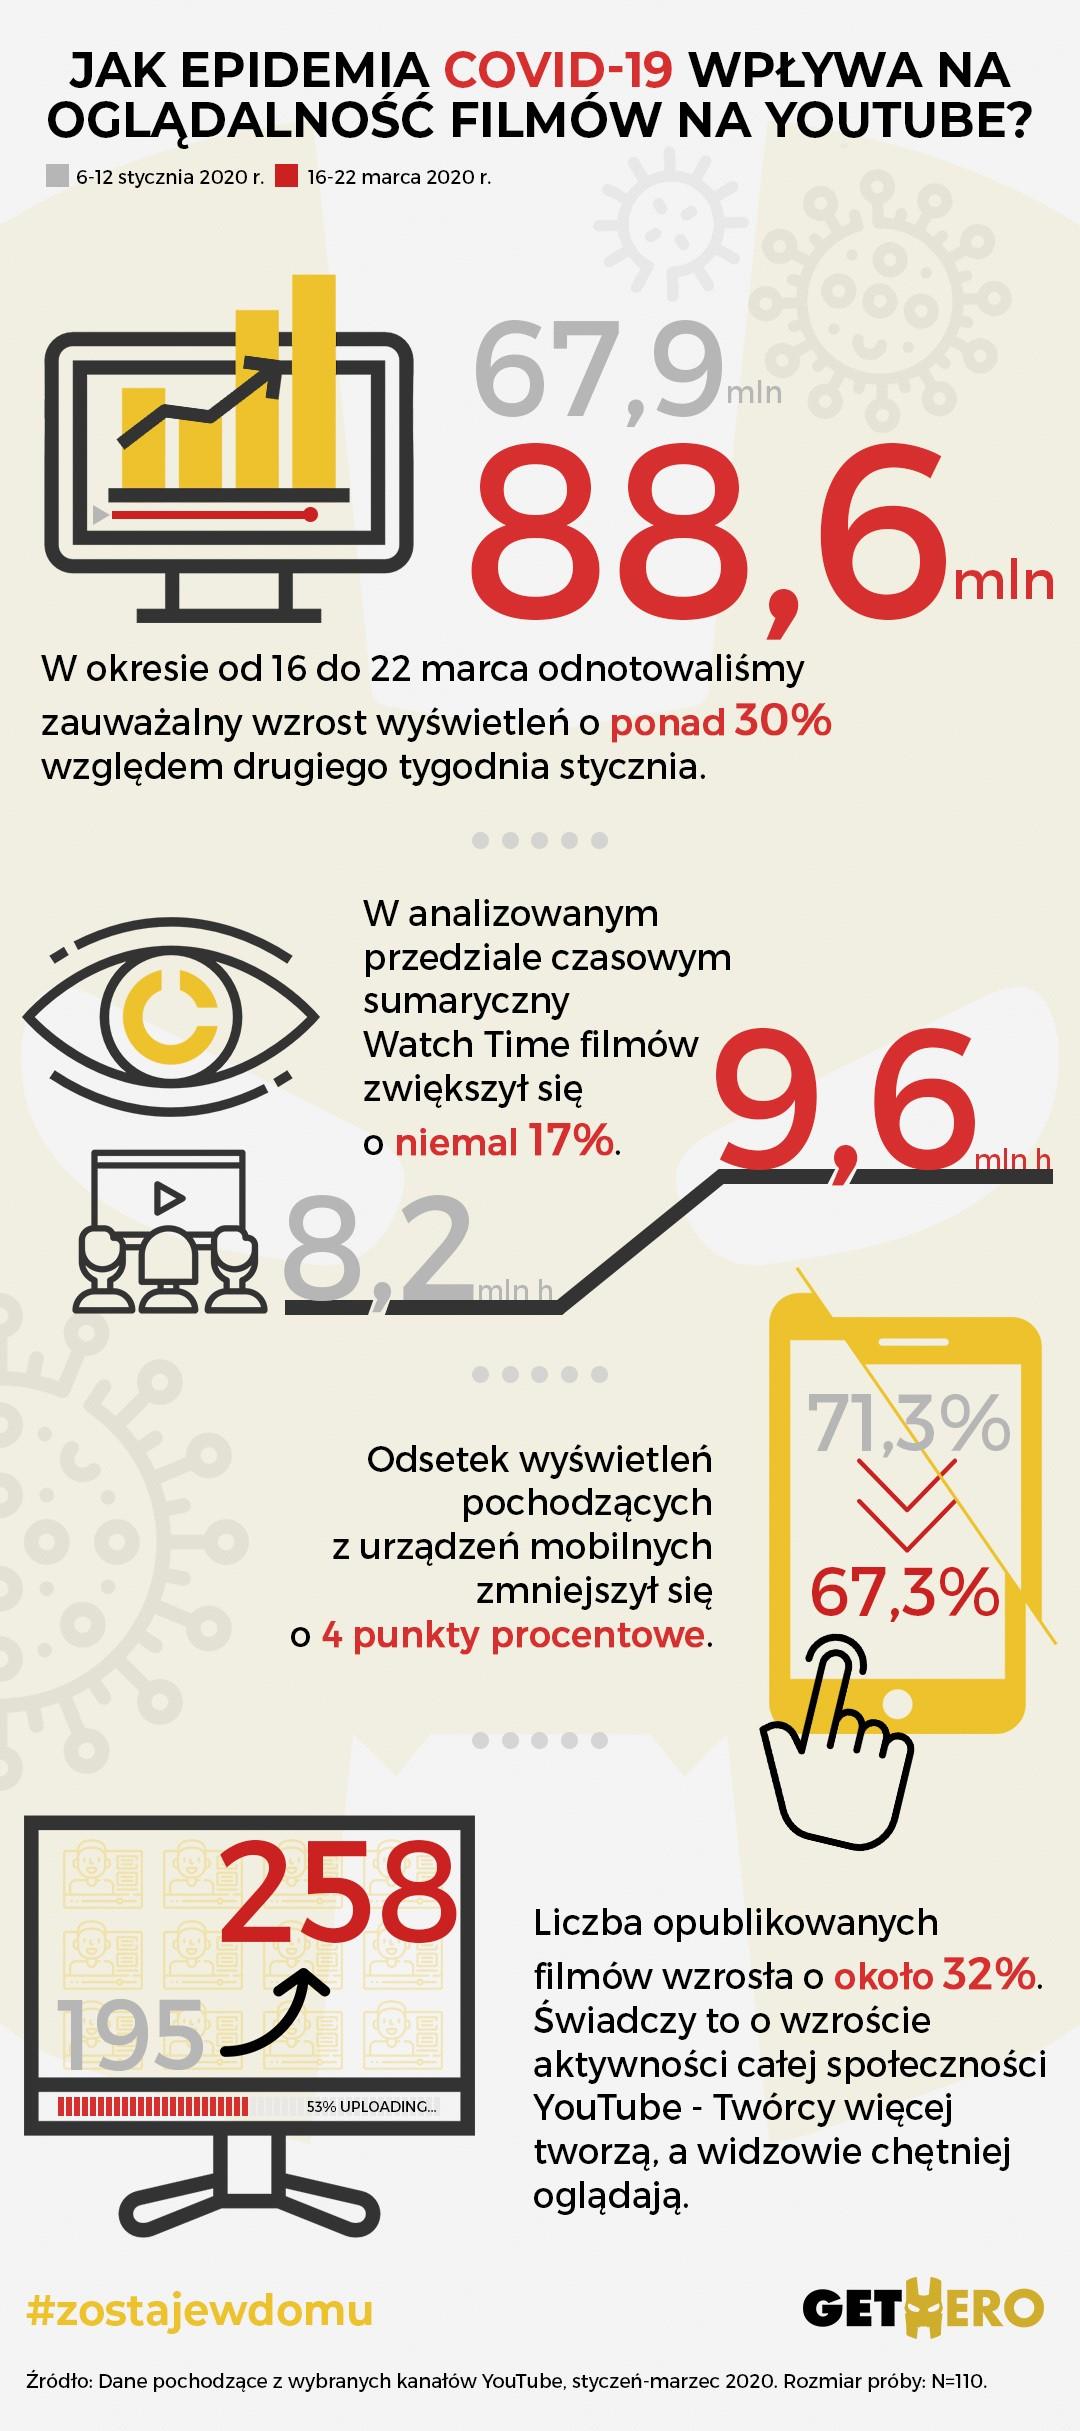 Koronawirus wpływa na oglądalność YouTube w Polsce